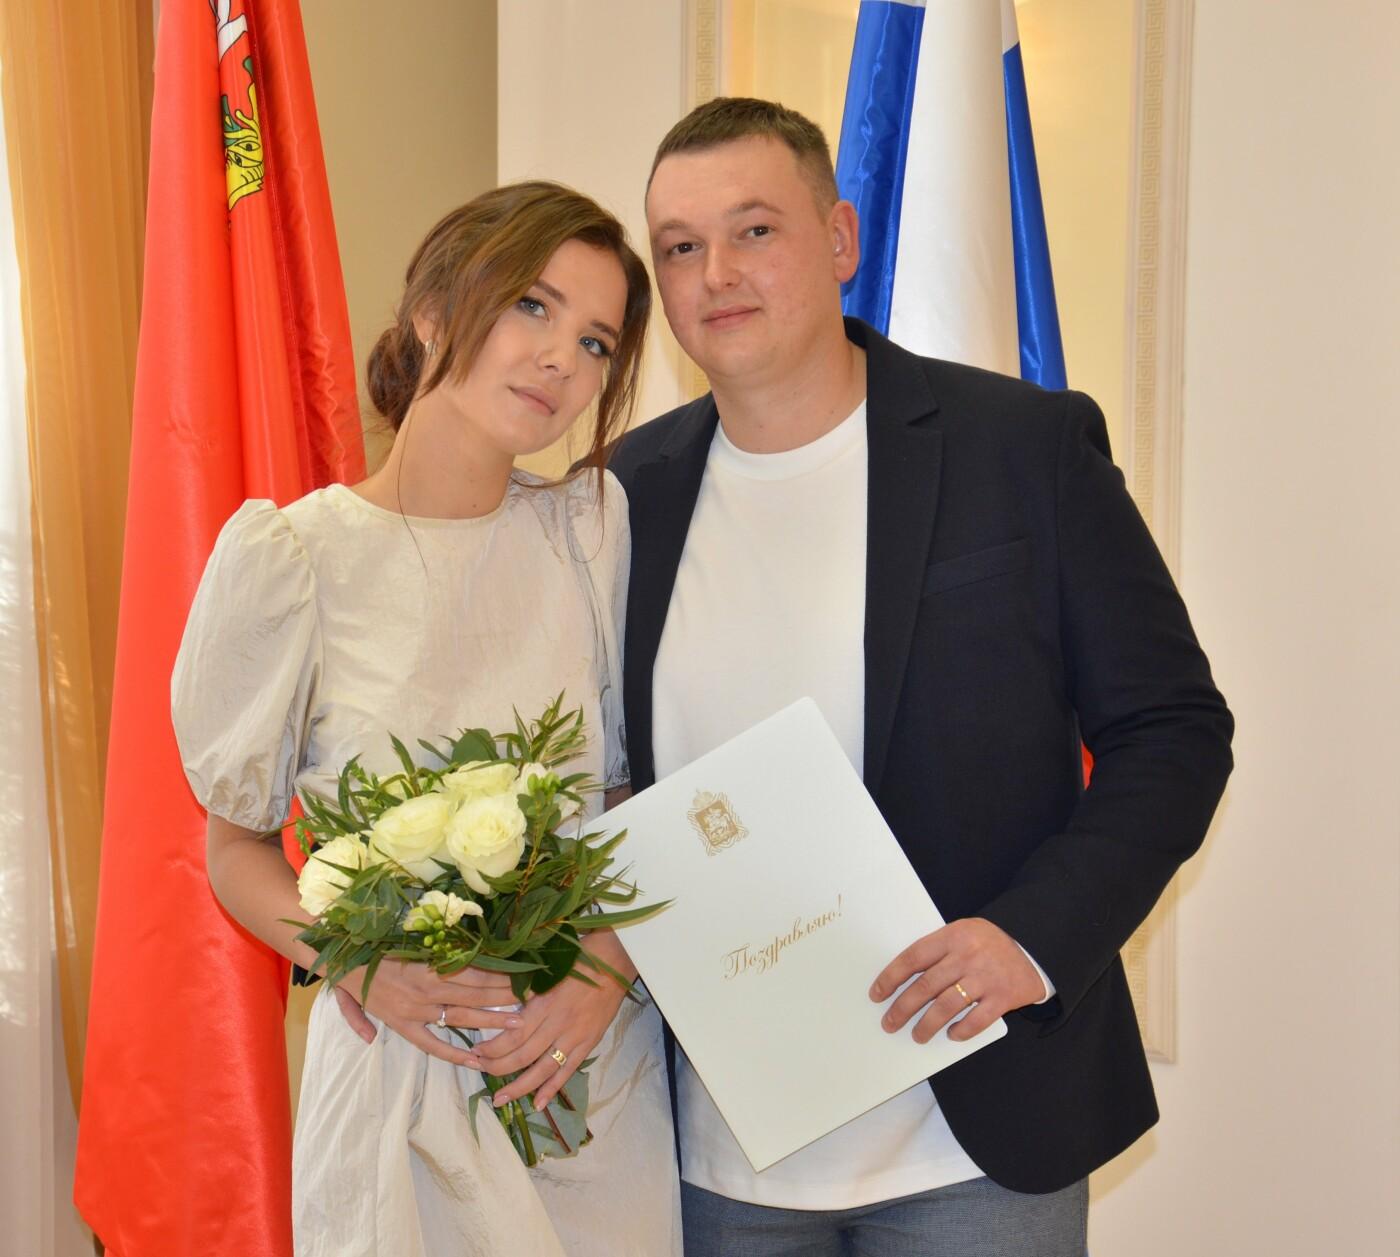 Поздравляем с регистрацией брака 1 000-ю пару в Сергиевом Посаде!, фото-1